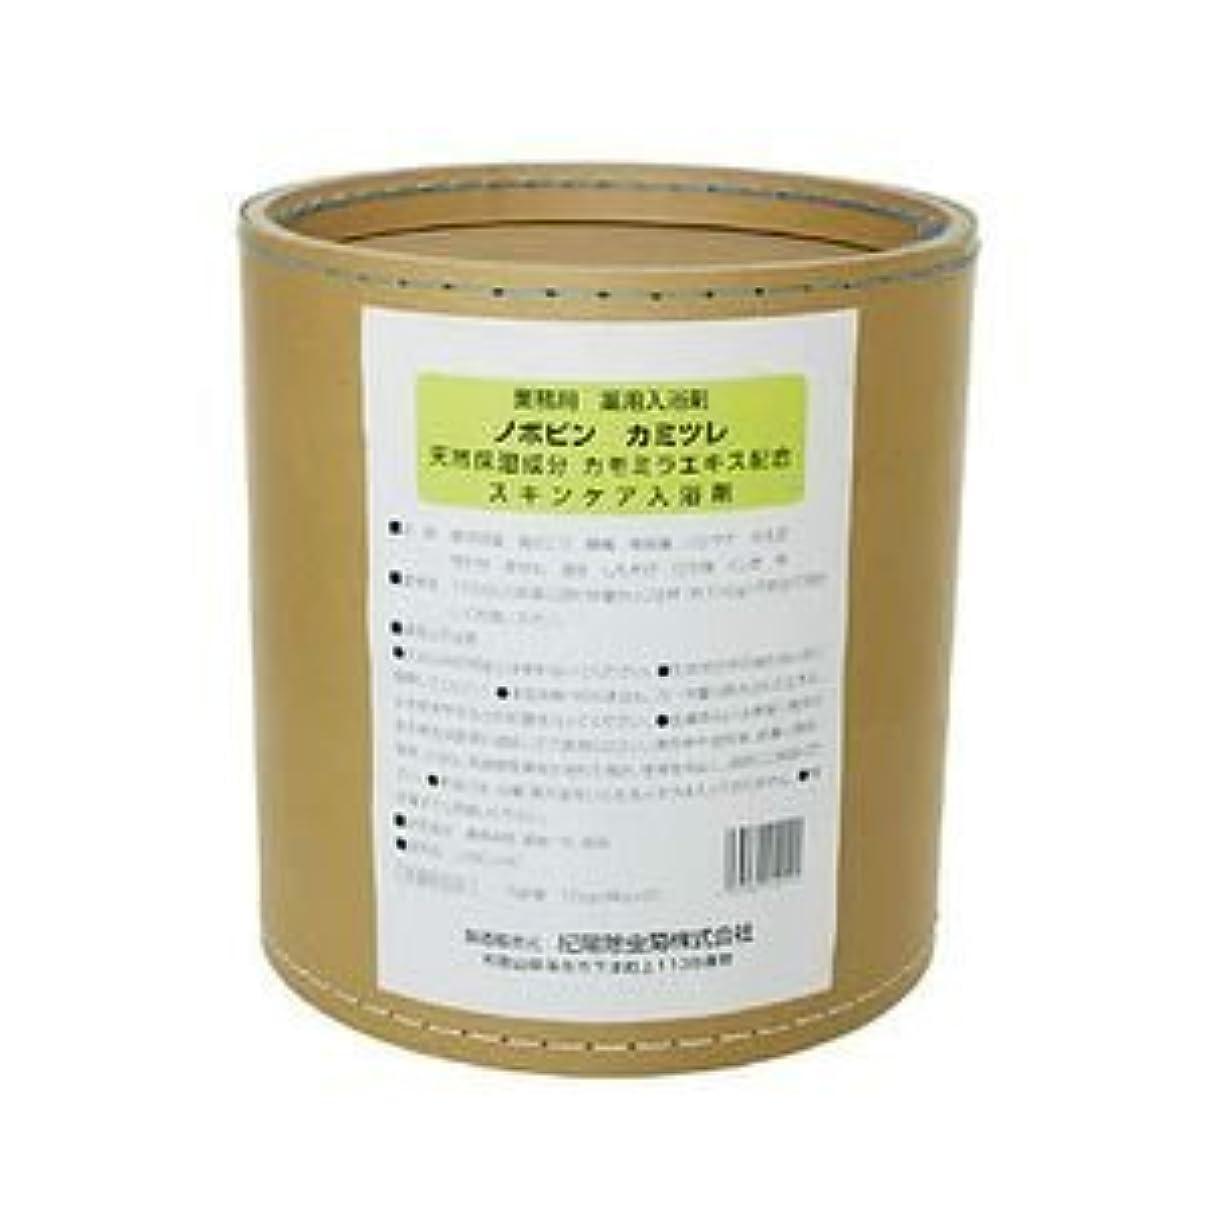 遠近法マスクペストリー業務用 バス 入浴剤 ノボピン カミツレ 16kg(8kg+2)